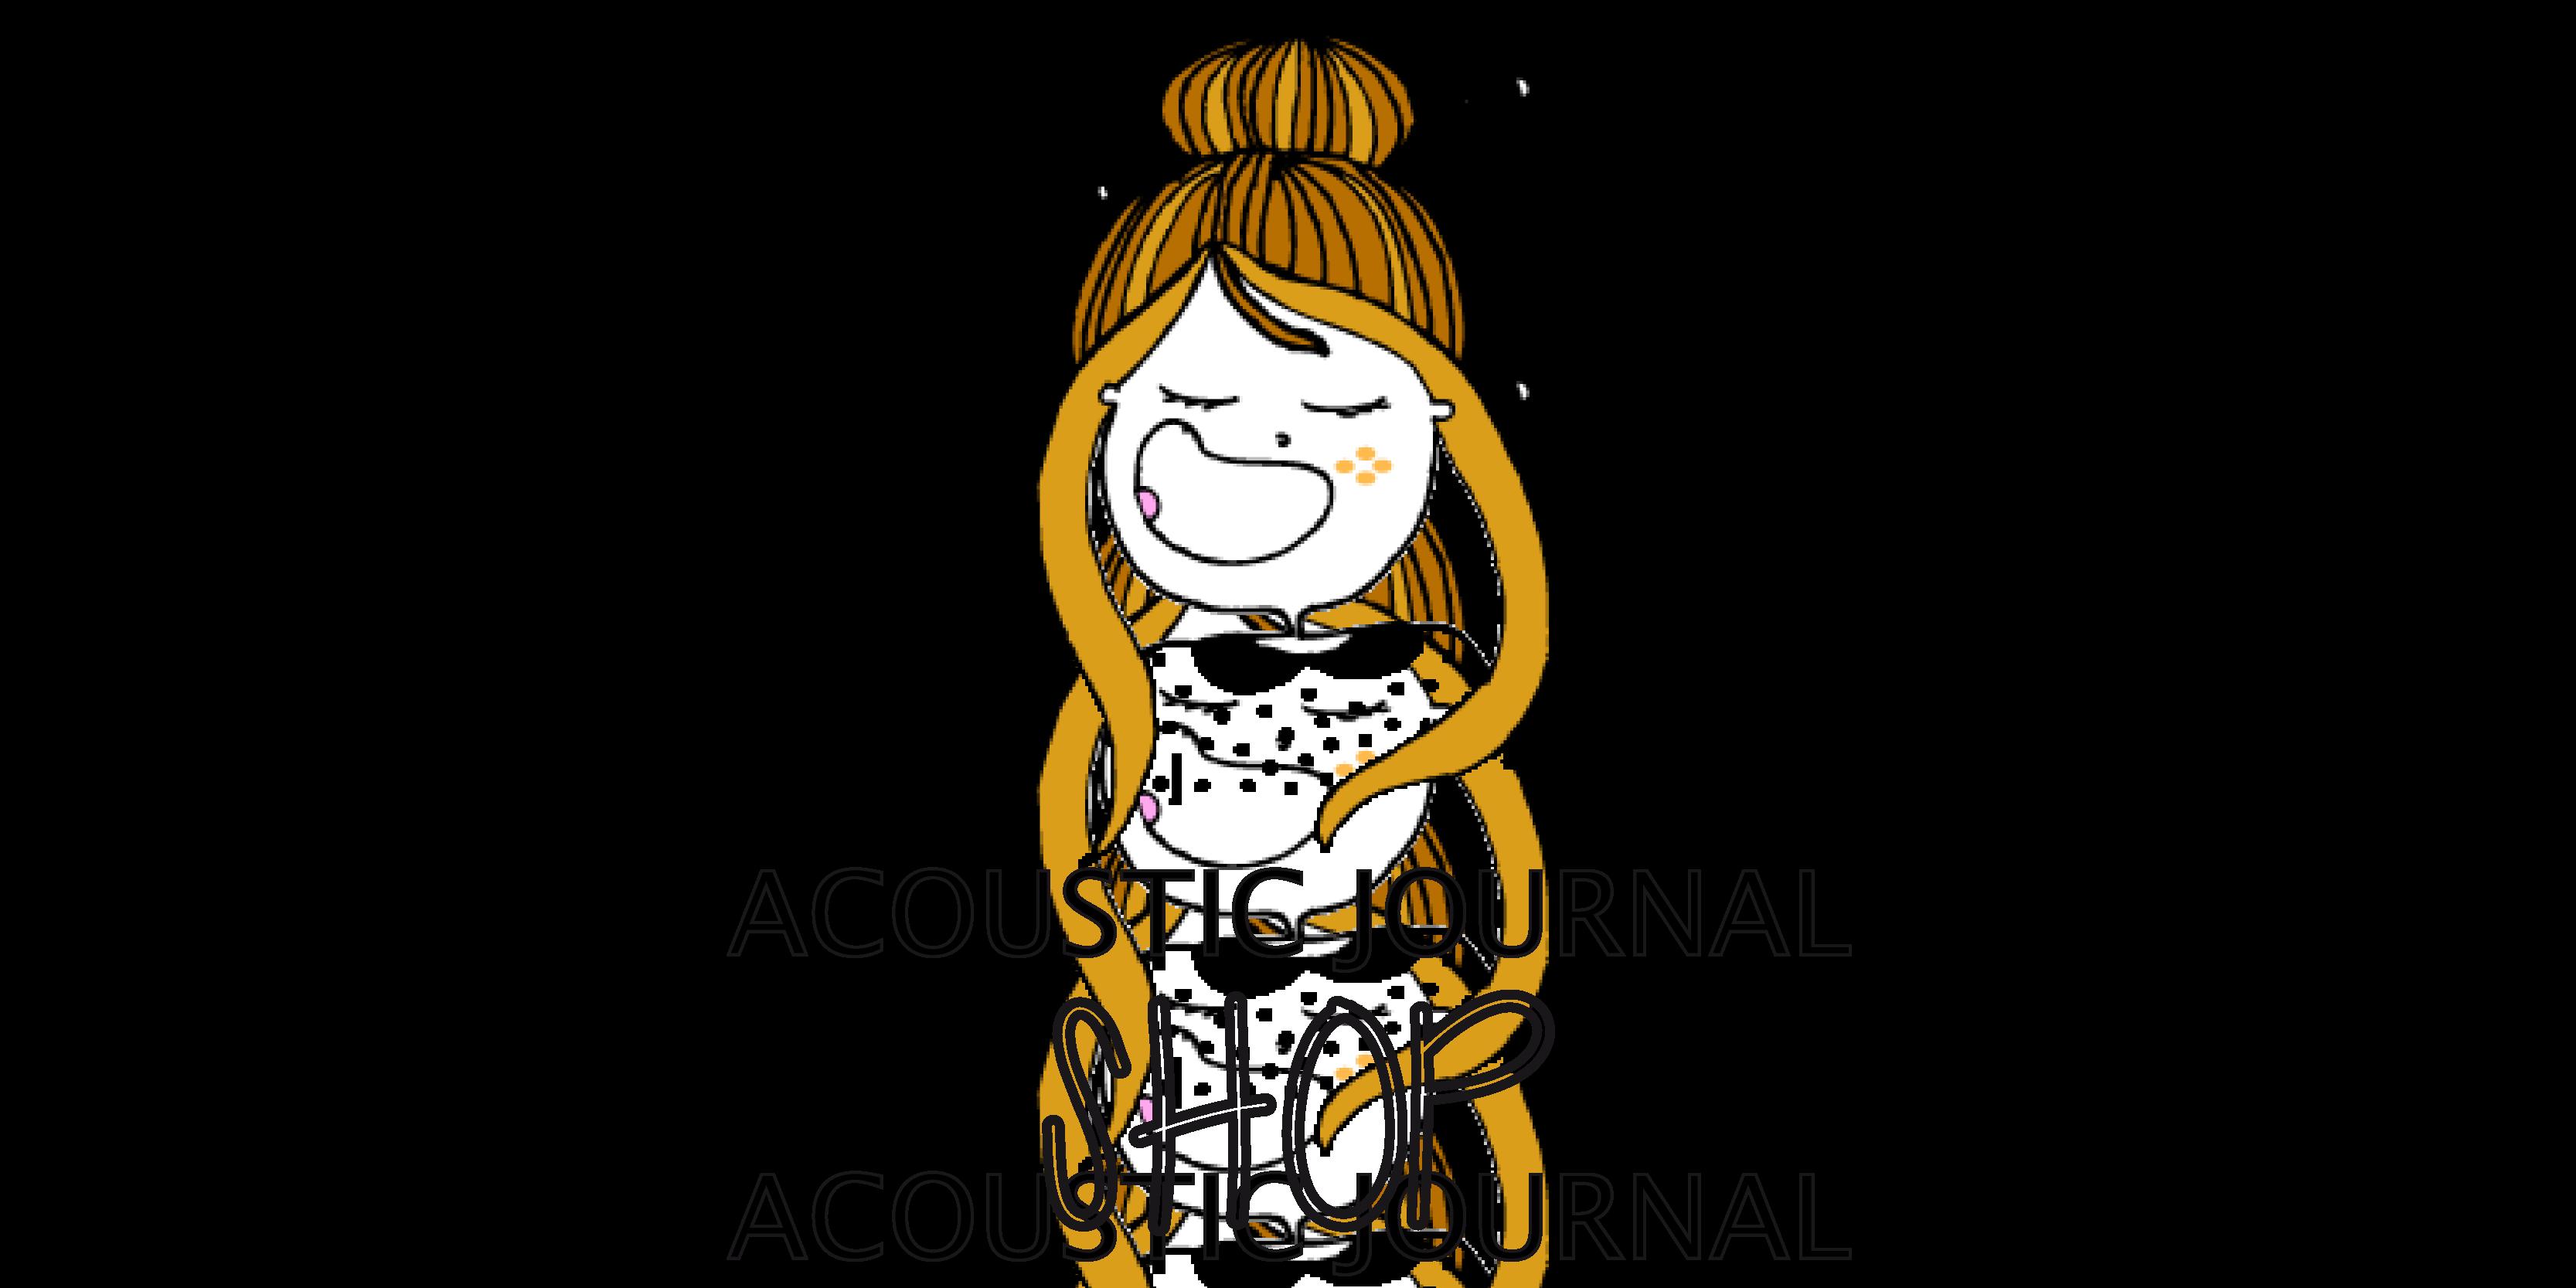 Acoustic Journal Shop